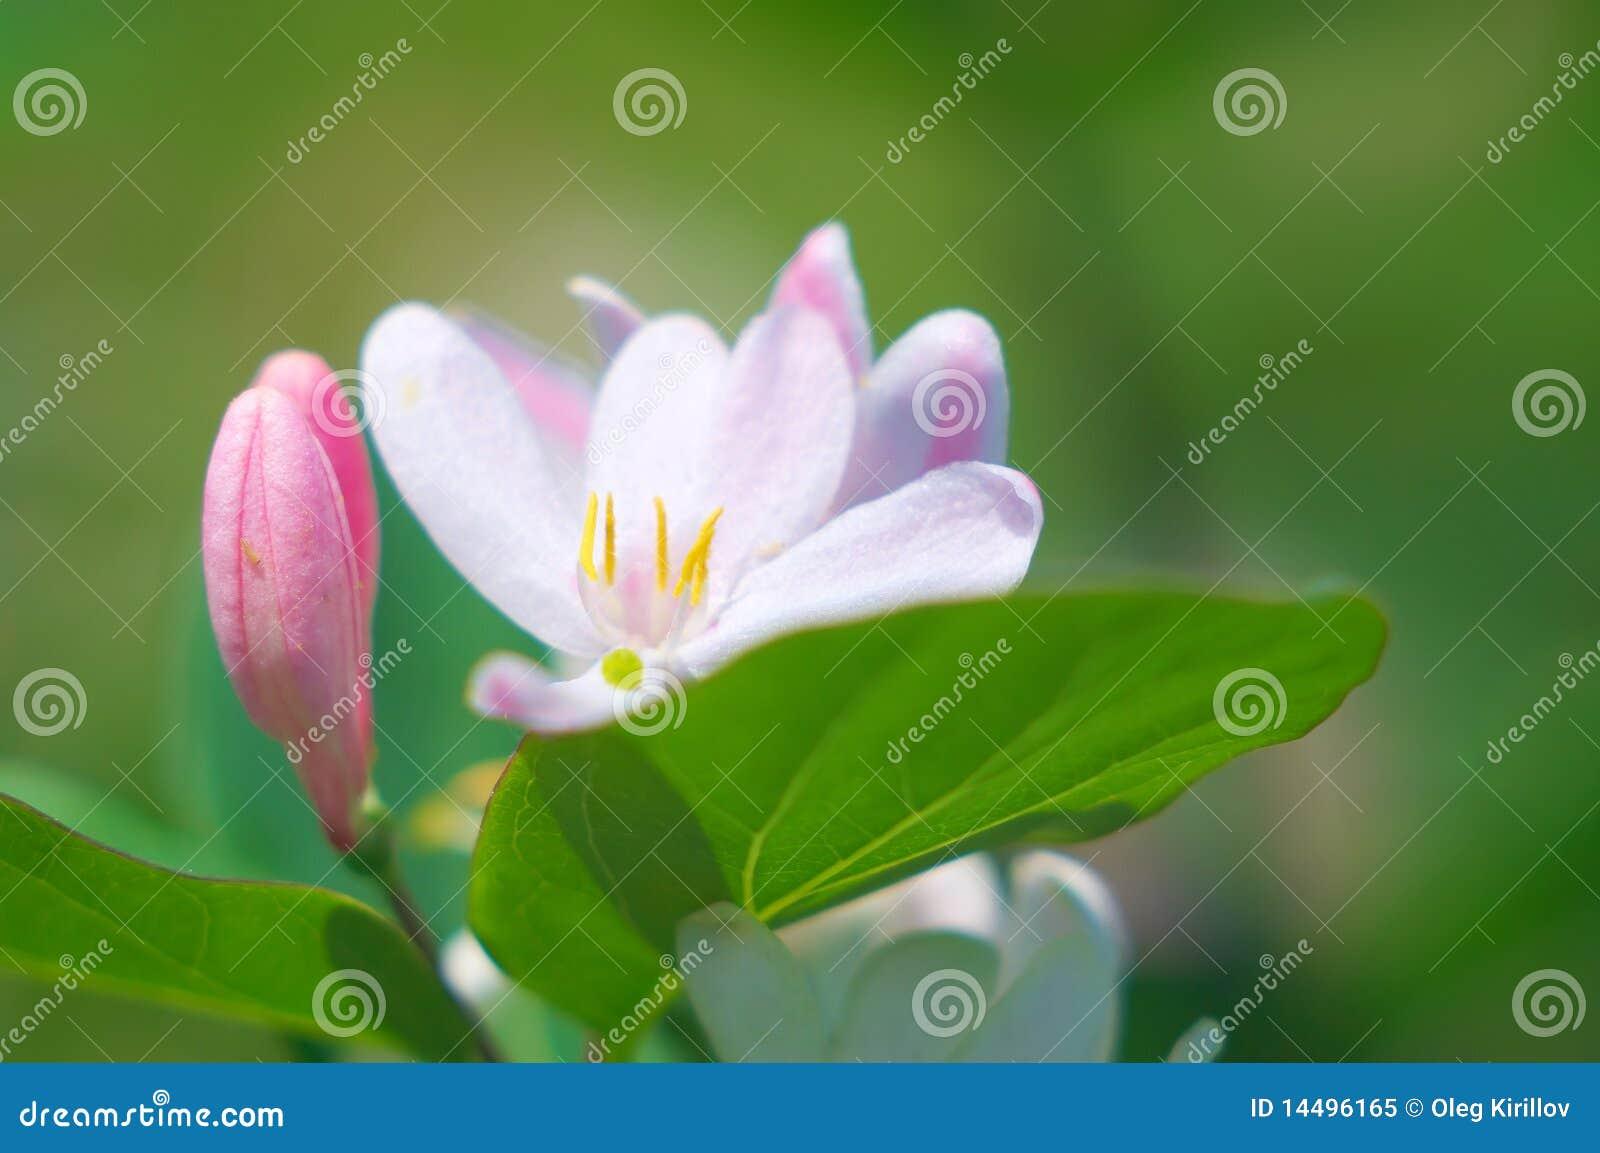 Жасмин розовый фото цветок